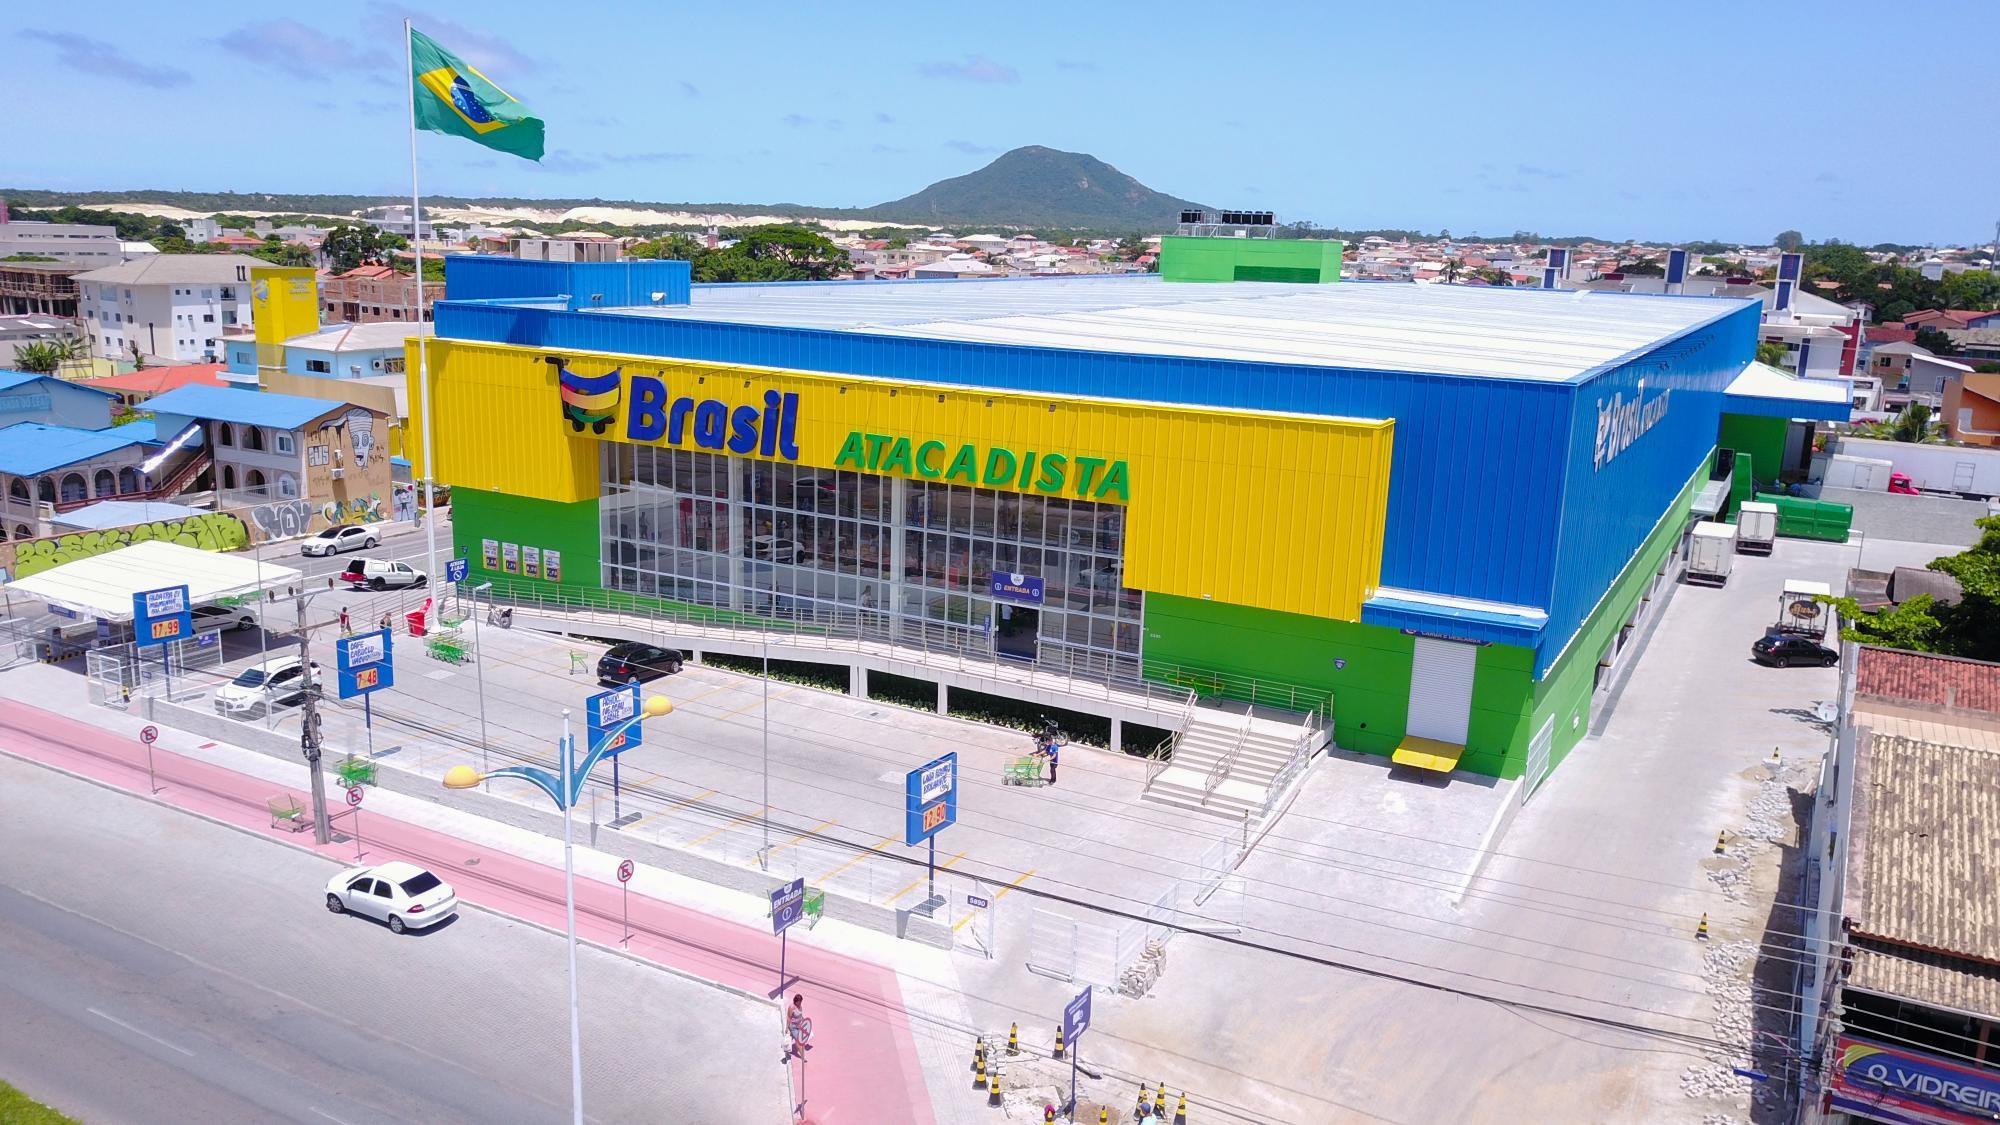 d9e3027f2 Brasil Atacadista - PROAÇO - Soluções Inteligentes em Estruturas